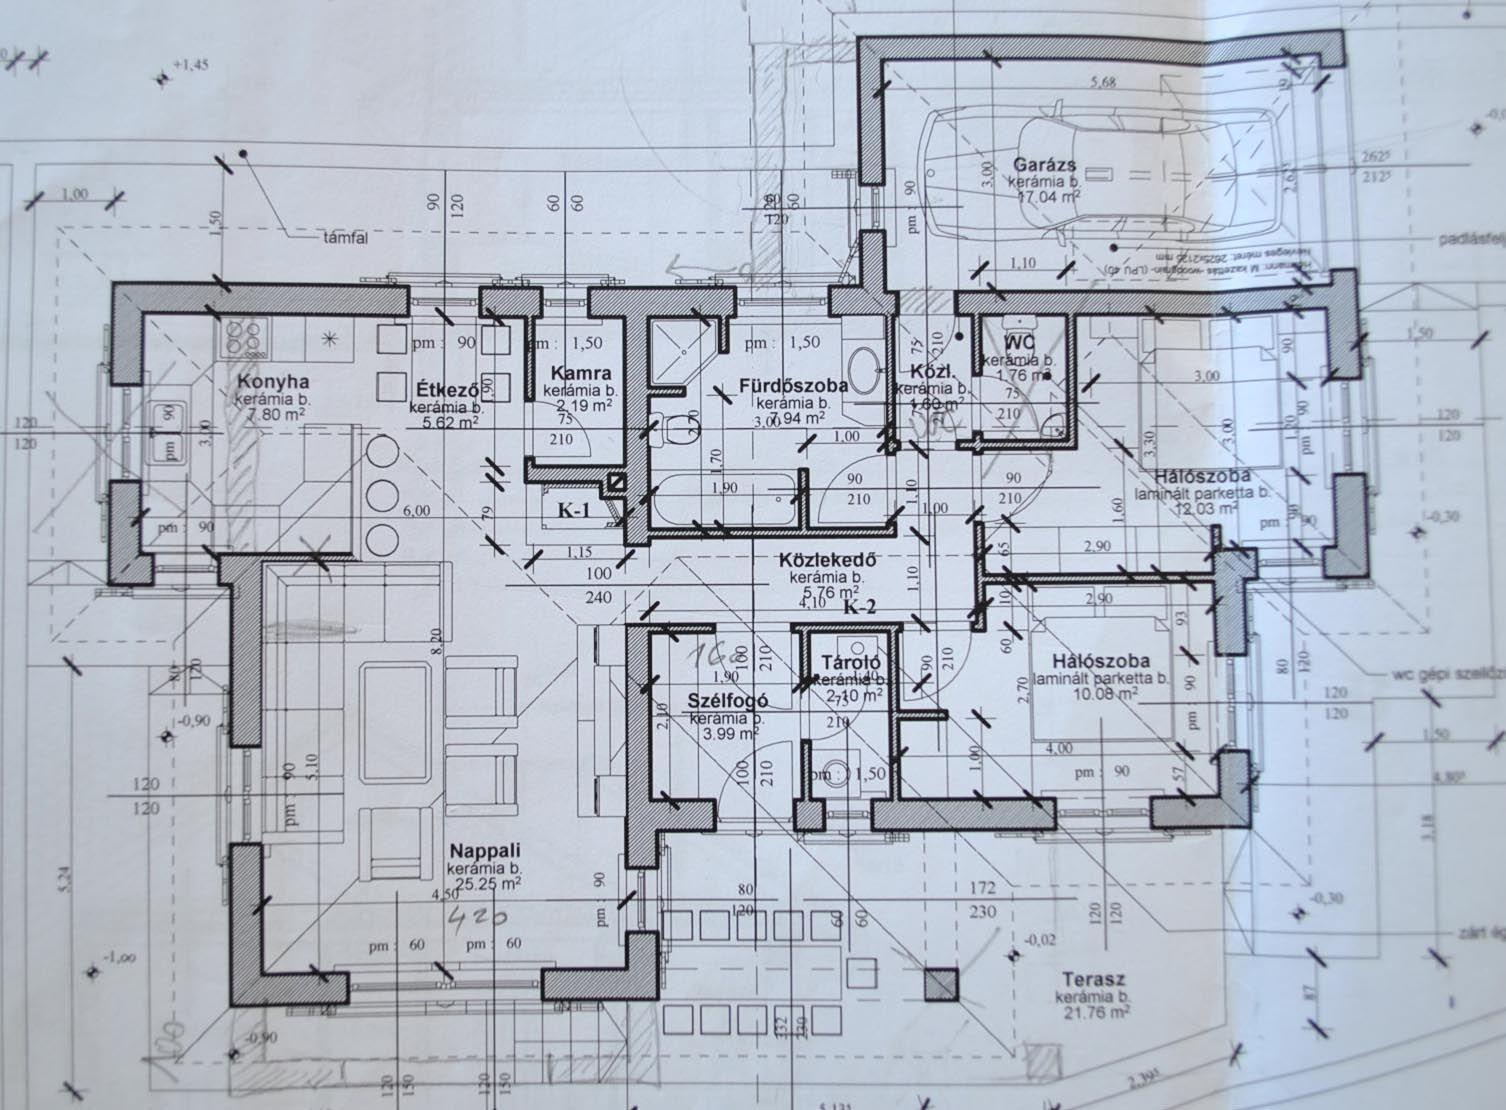 Alaprajz. A ház területe 126 m2. Helyiségek: szélfogó, konyha-étkező ...